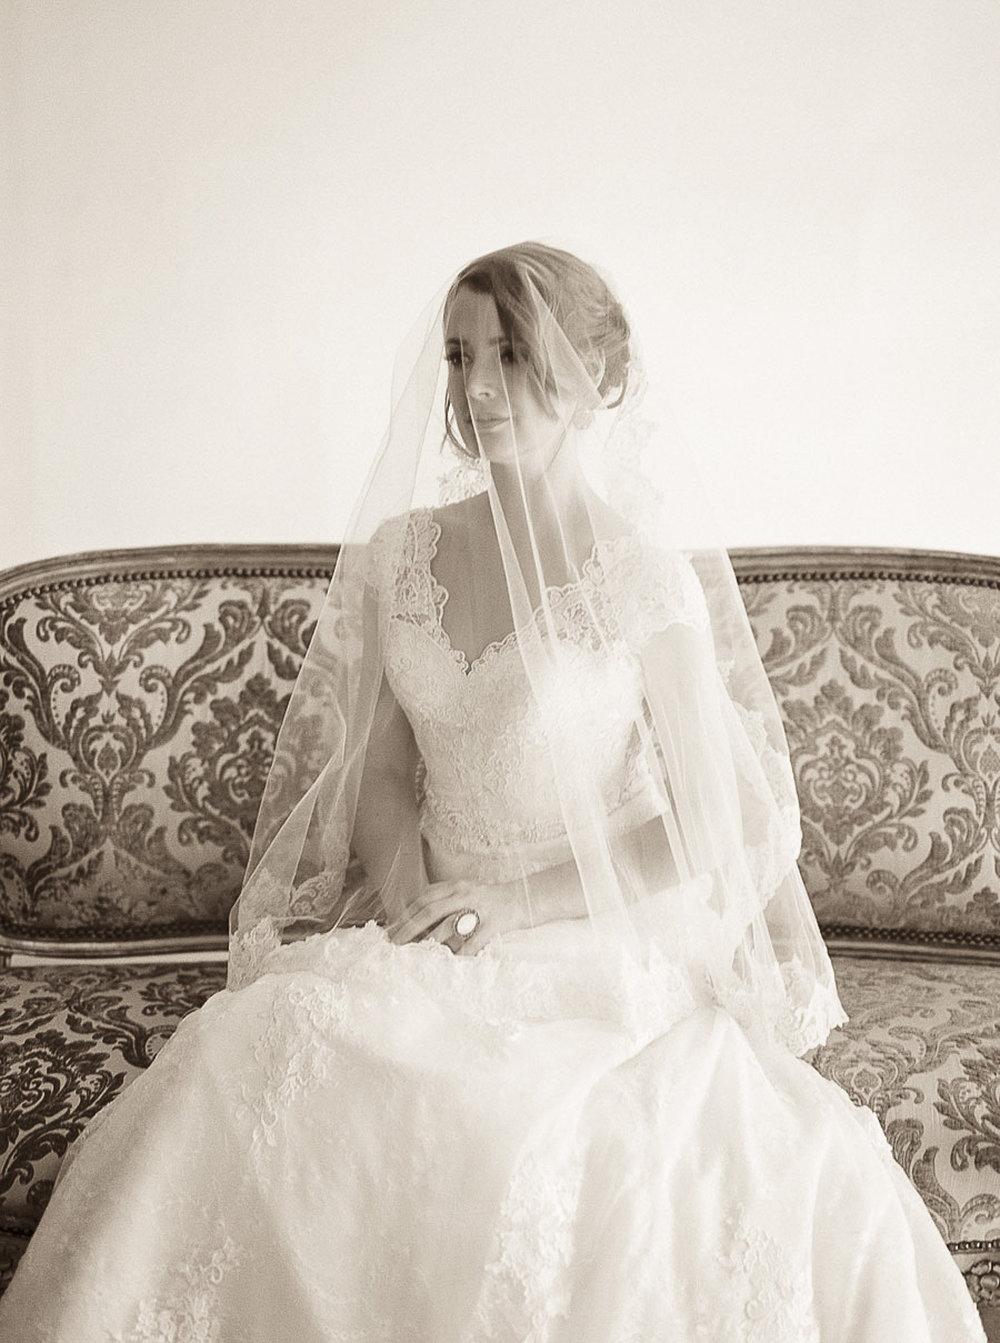 Lara_Lam_Vintage_Heirloom_wedding_photographer_Etablir_shop_vintage_rental86.jpg